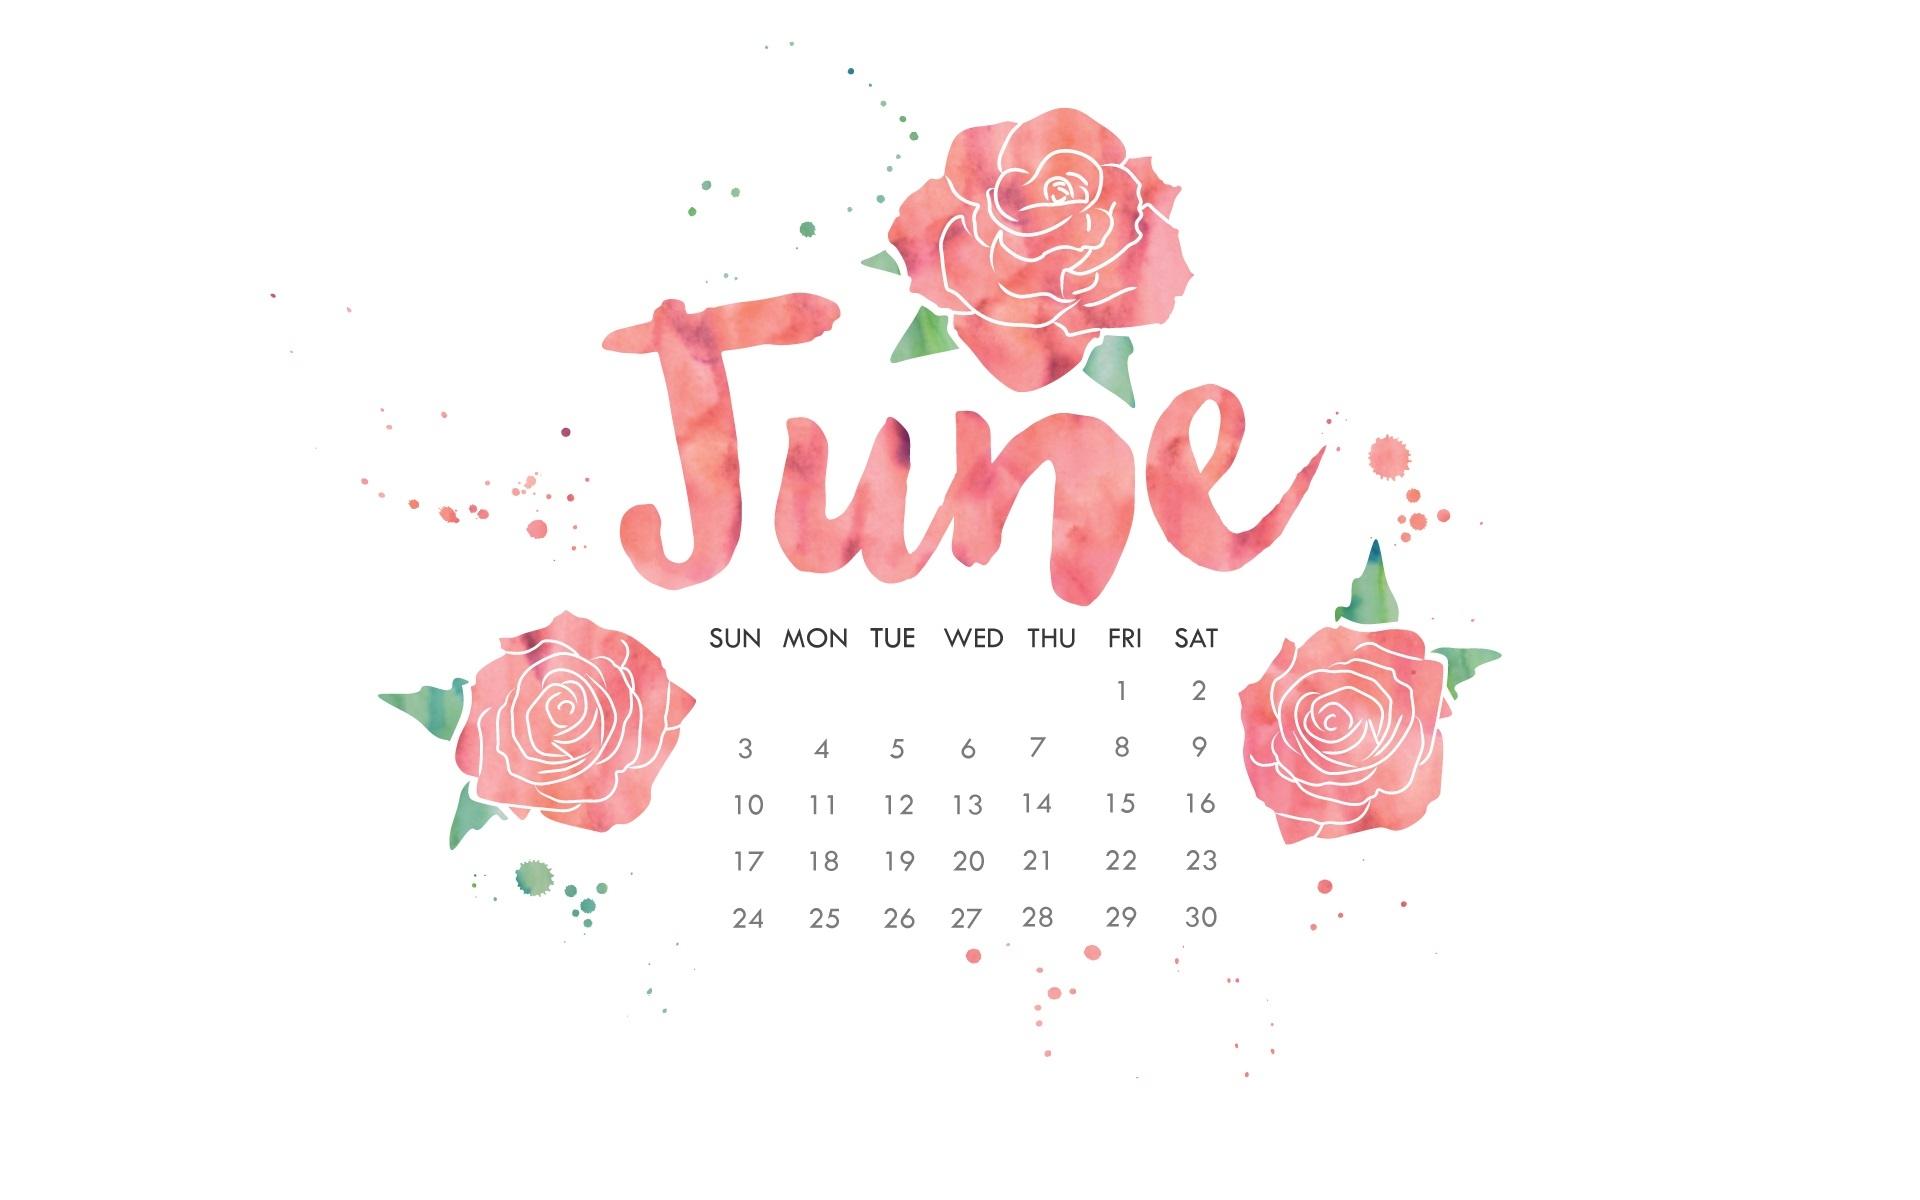 june 2019 hd calendar wallpapers calendar 2018::June 2019 iPhone Calendar Wallpaper